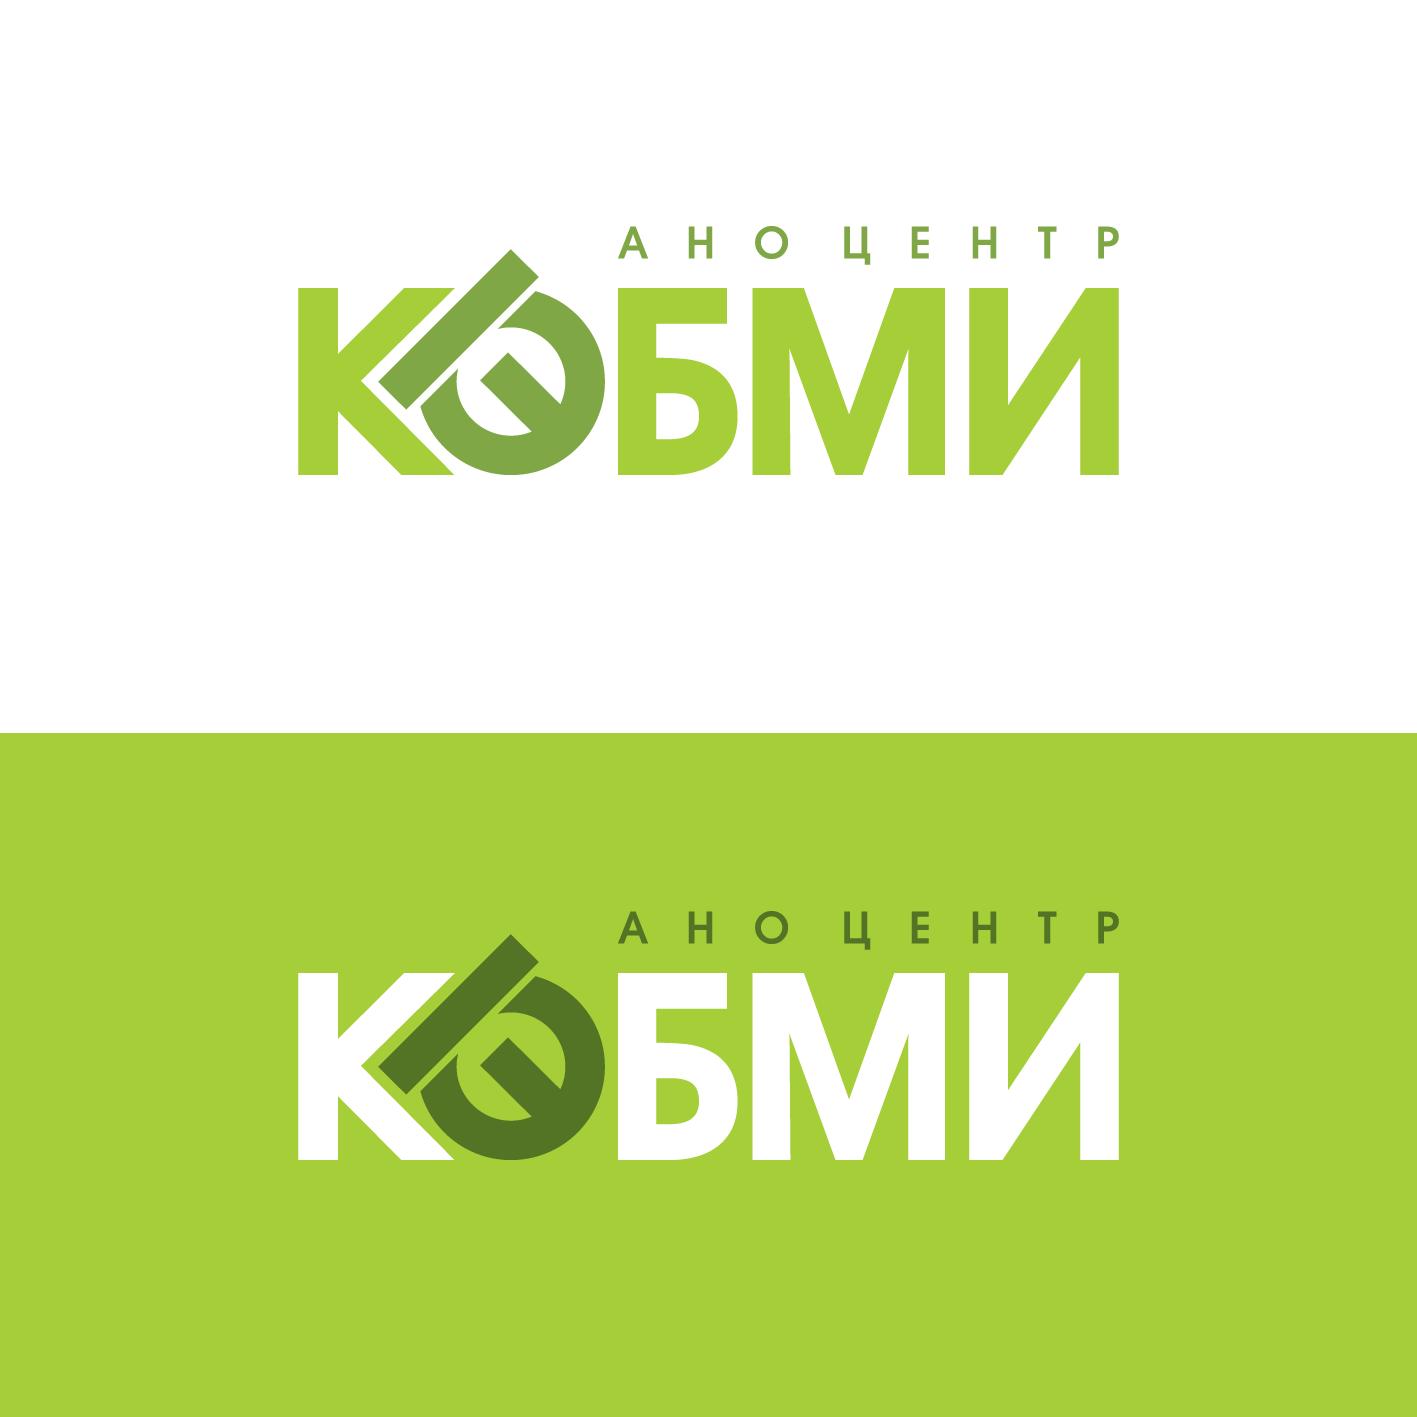 Редизайн логотипа АНО Центр КЭБМИ - BREVIS фото f_9555b1e34f0034d1.png